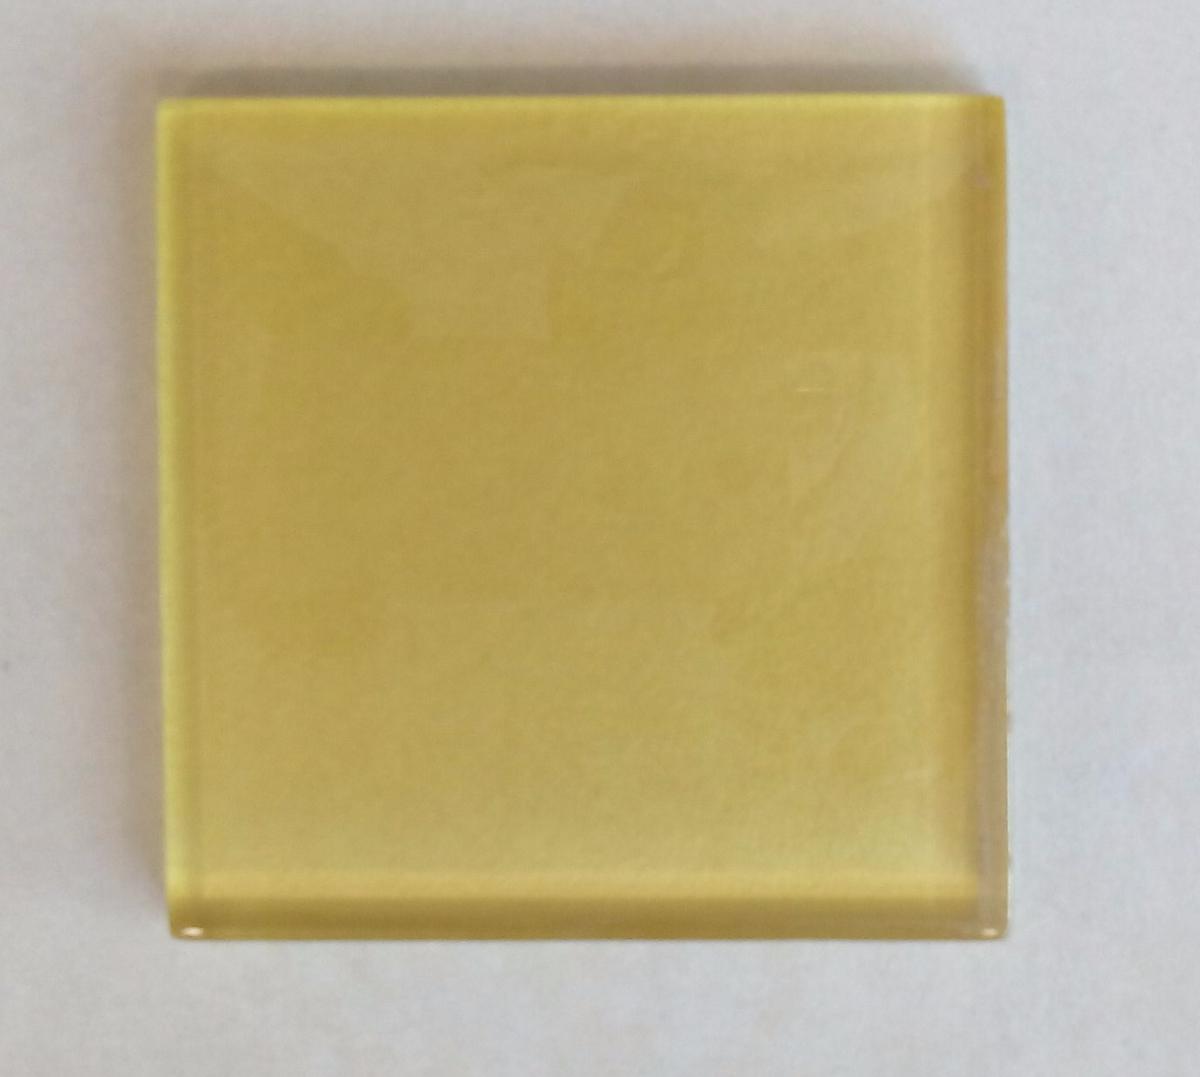 Mosa que carrelage et frise carr dor satin 10 cm par plaque achat mosa que carrelage for Plaque pour carrelage